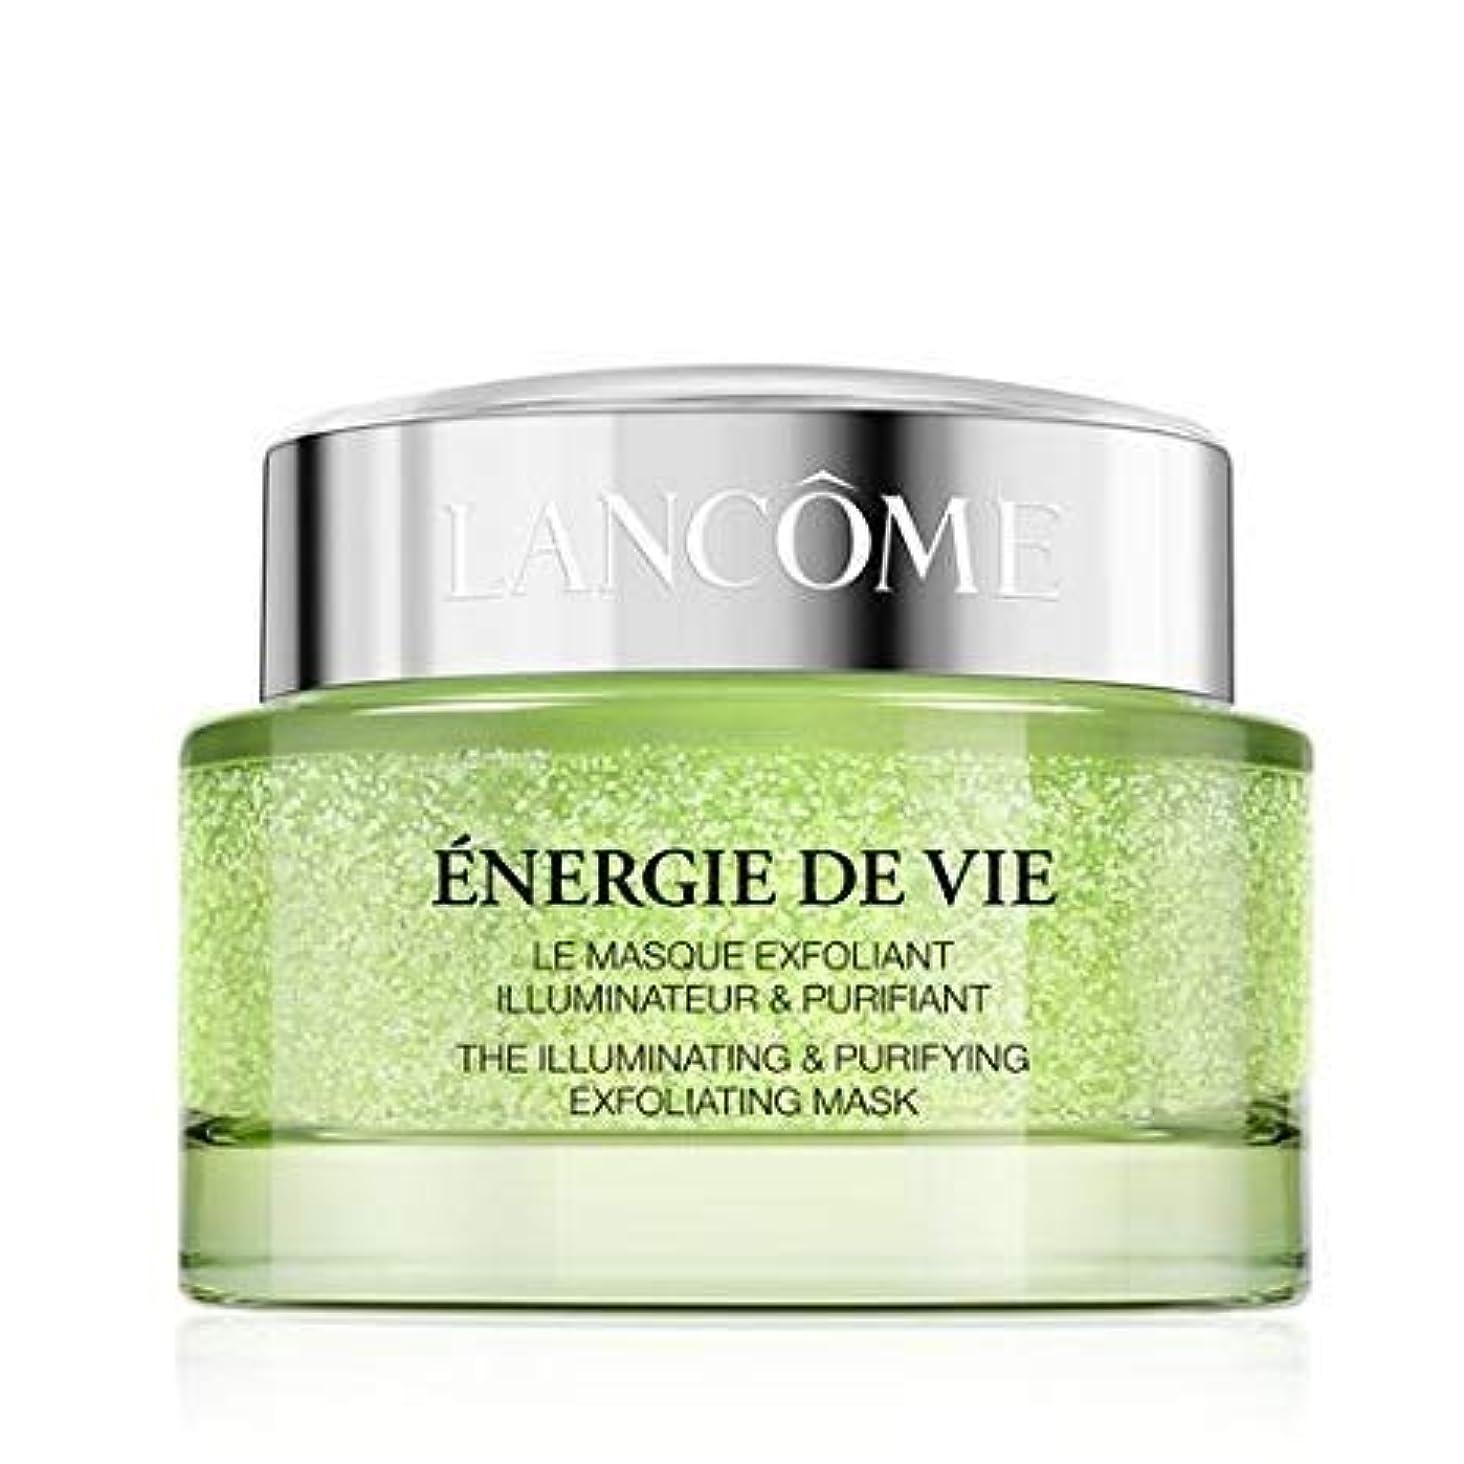 やがて三番爆発物ランコム Energie De Vie The Illuminating & Purifying Exfoliating Mask 75ml